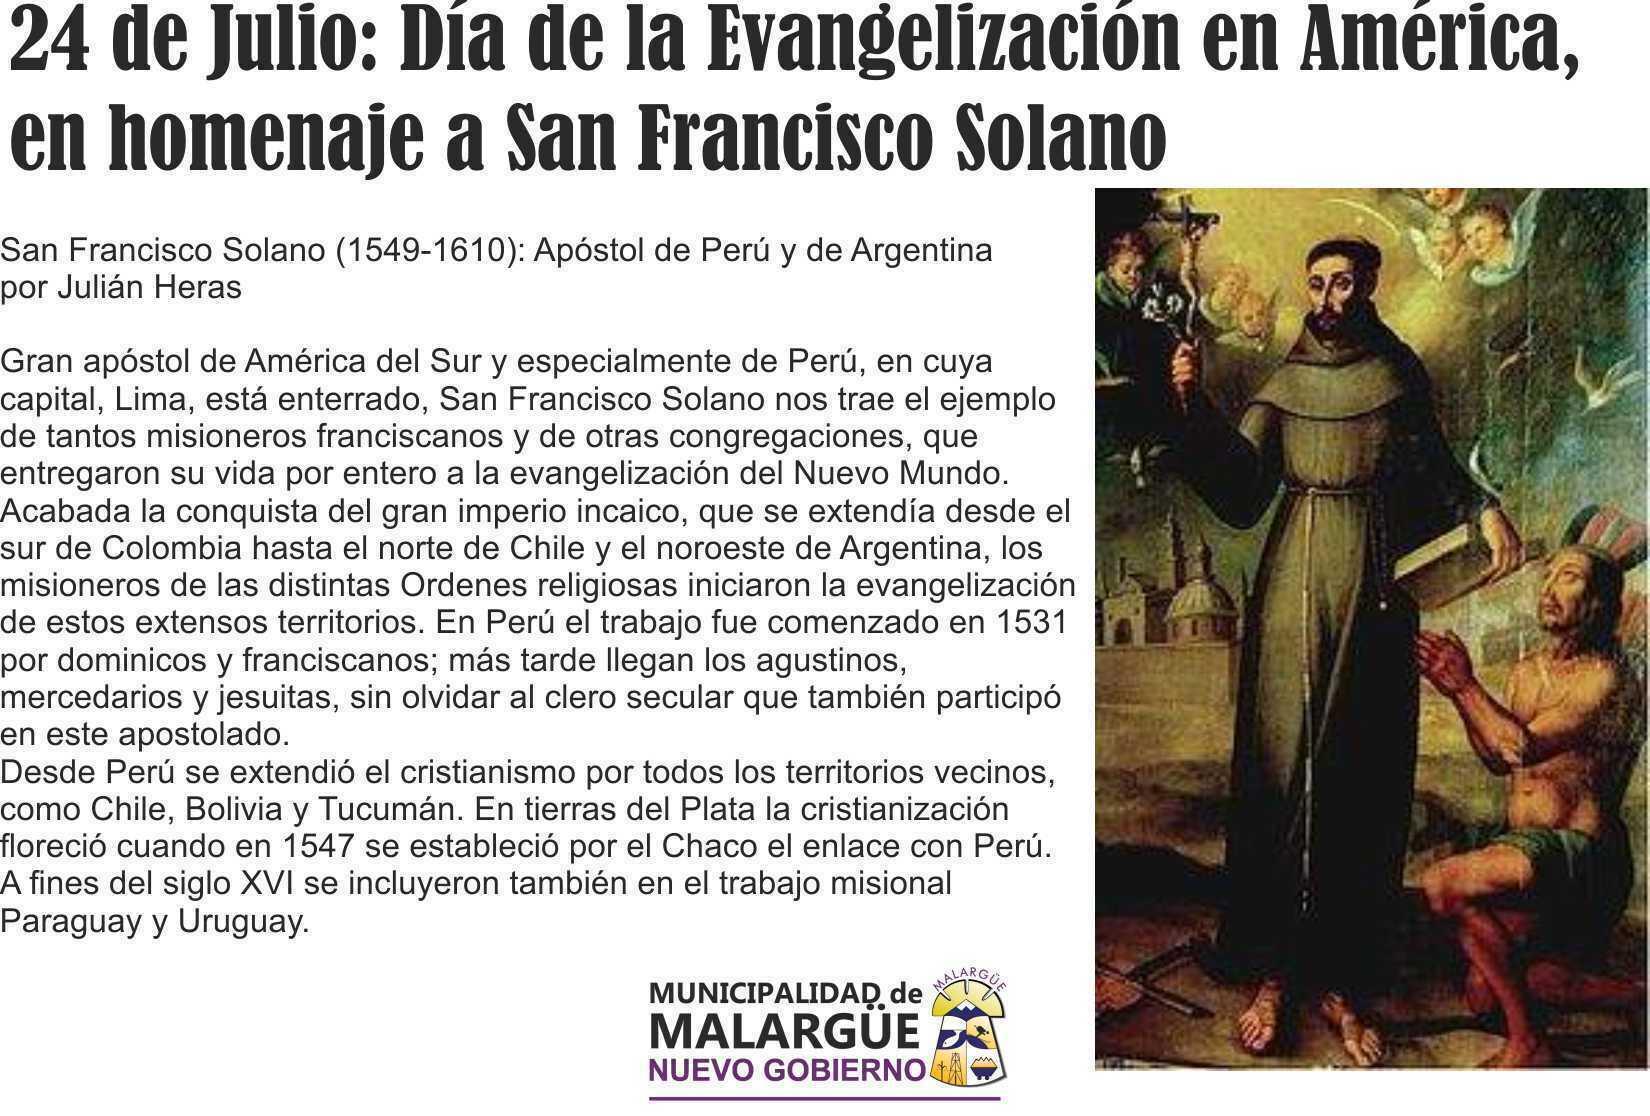 24 de Julio día de la Evangelización en América